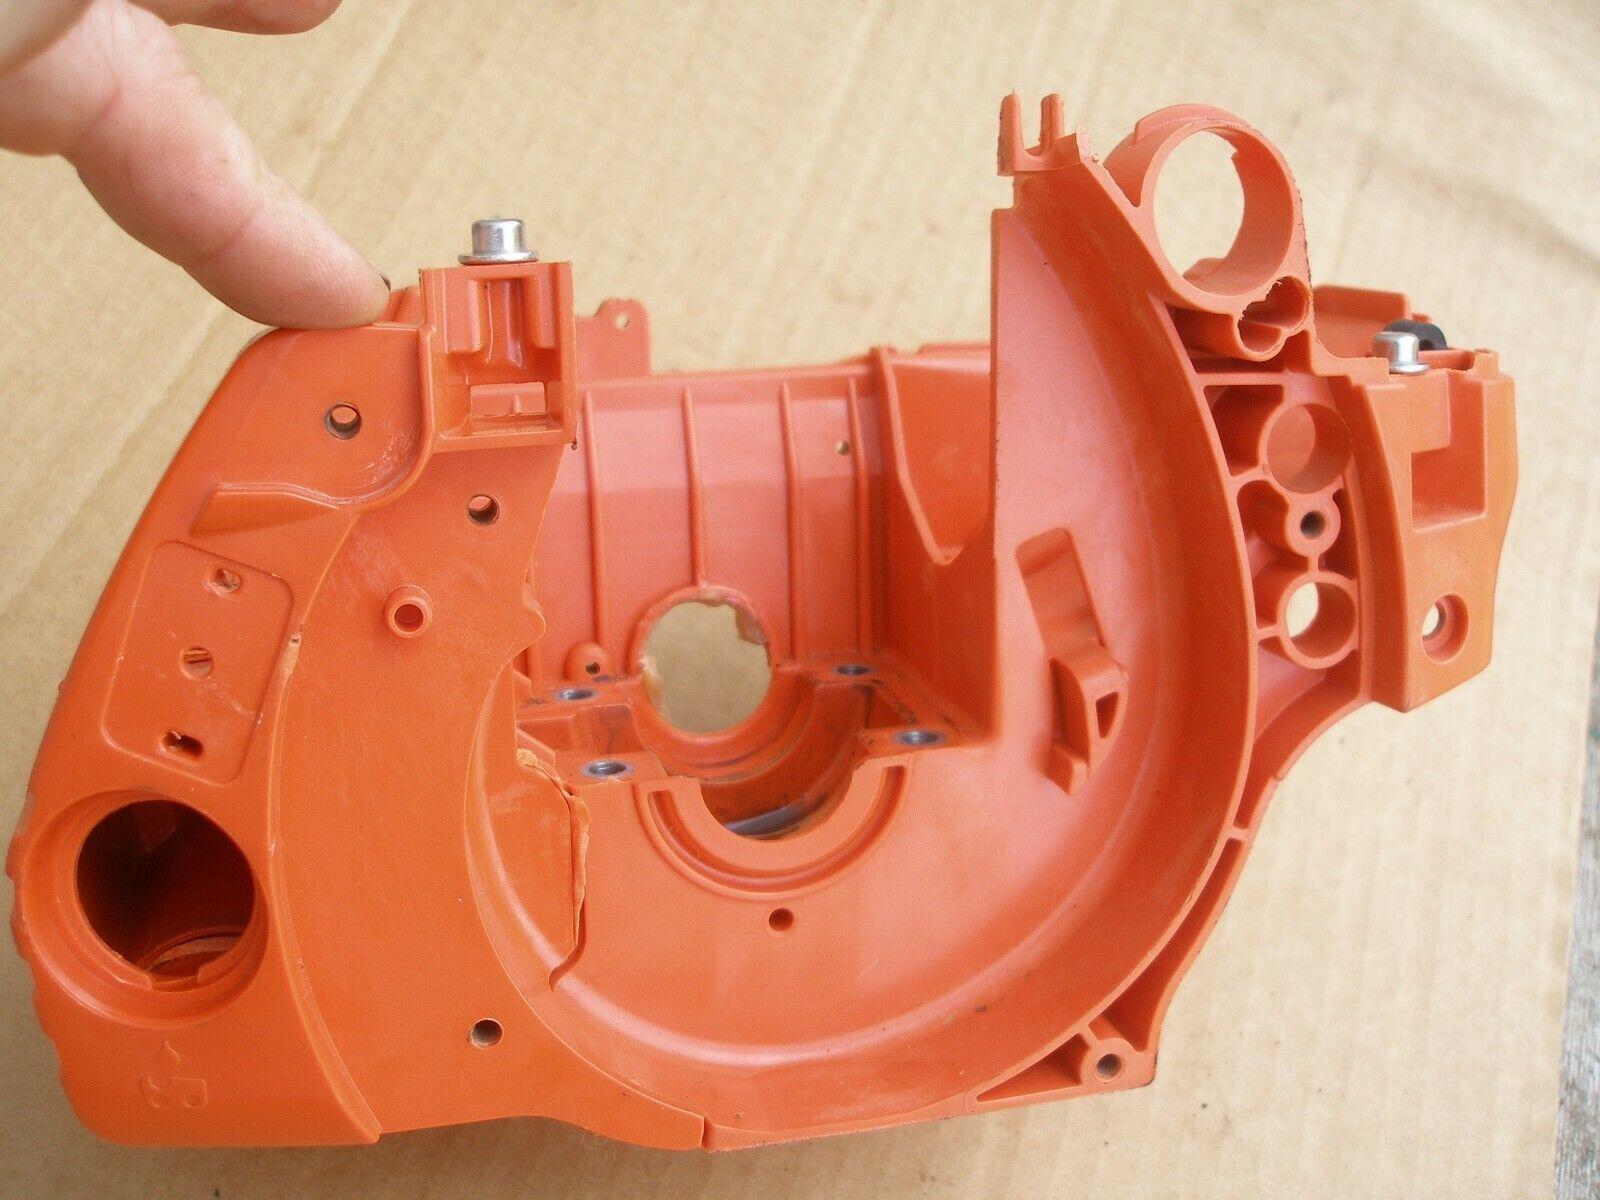 Fabricante de equipo original nuevo HUSQVARNA Motosierra 445 450 CRANKCASE motor silla  385